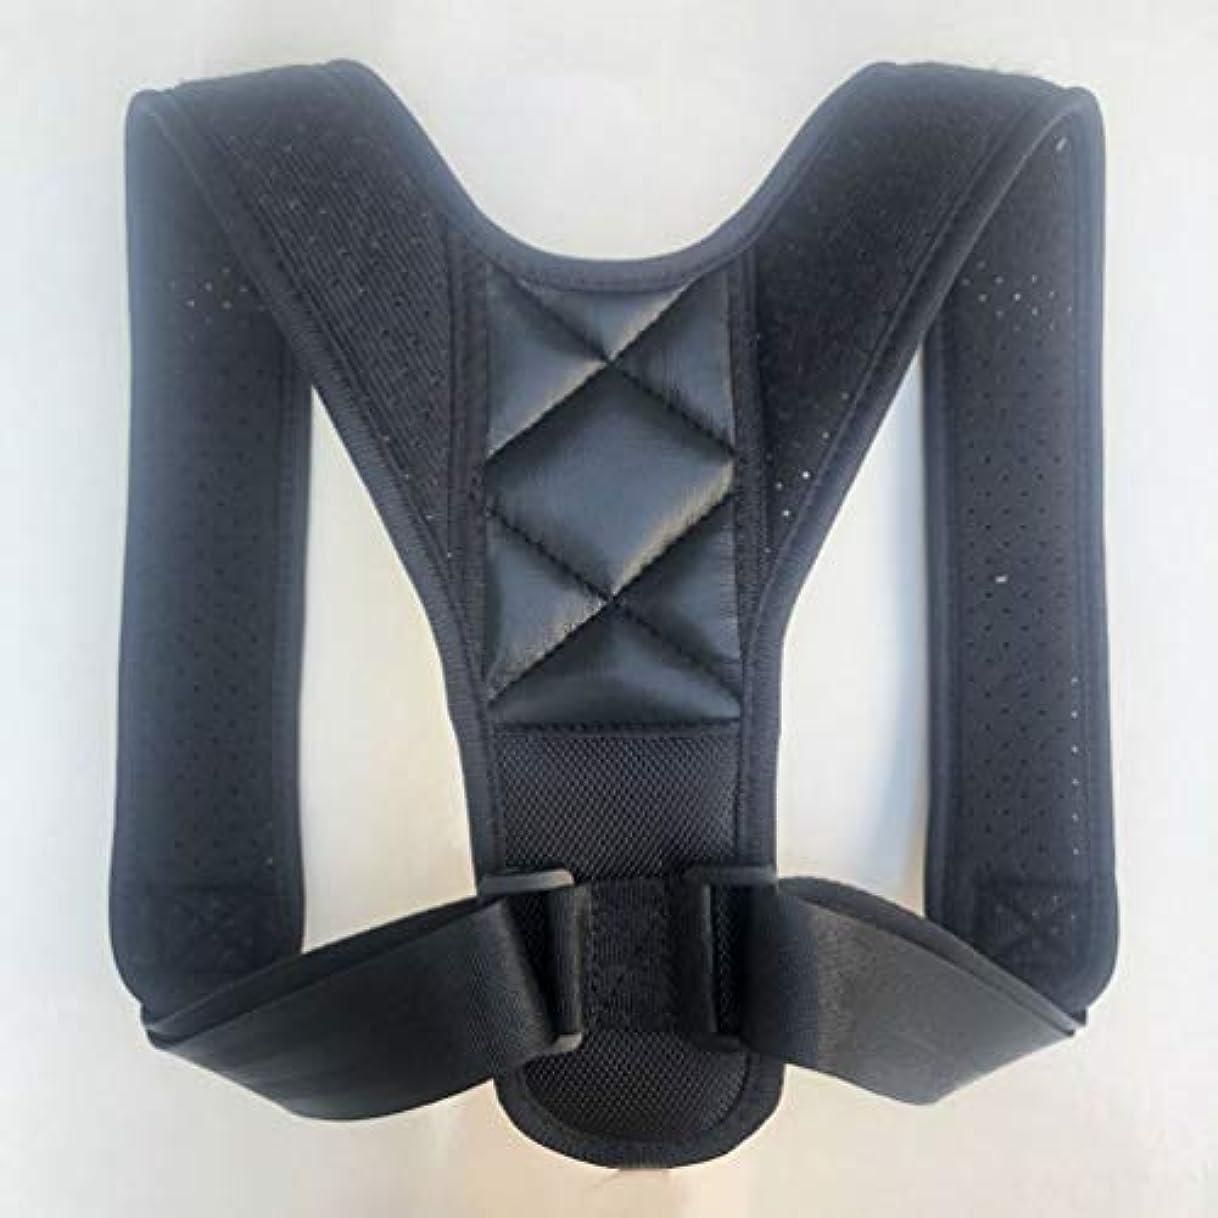 チャーム懐ソースアッパーバックポスチャーコレクター姿勢鎖骨サポートコレクターバックストレートショルダーブレースストラップコレクター - ブラック